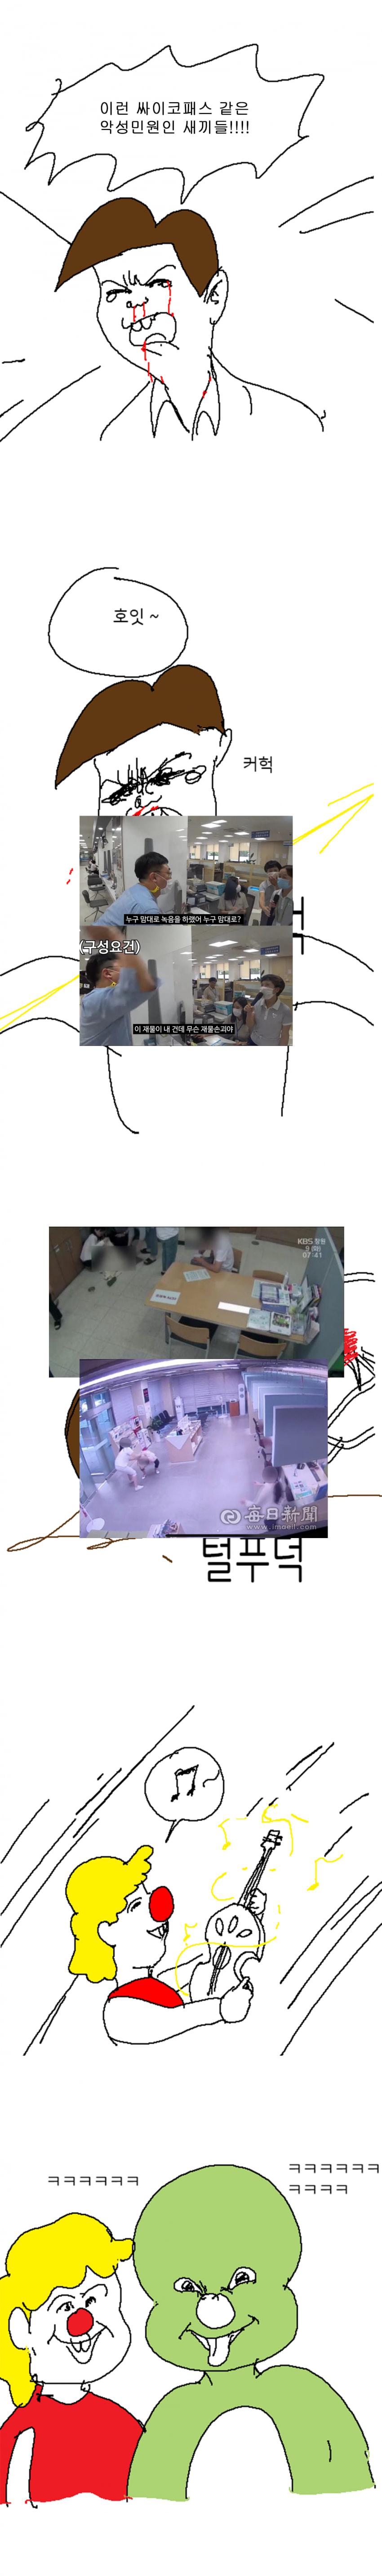 viewimage.php?id=2ab4c333e9c831ad&no=24b0d769e1d32ca73cec8ffa11d0283137a147df66c0ff0e9ff48d5b5d7b56d25e56404de31047fb52ac087b8d802d18edc49bc443f255aa8b5901f9c7cca5b61b79a2